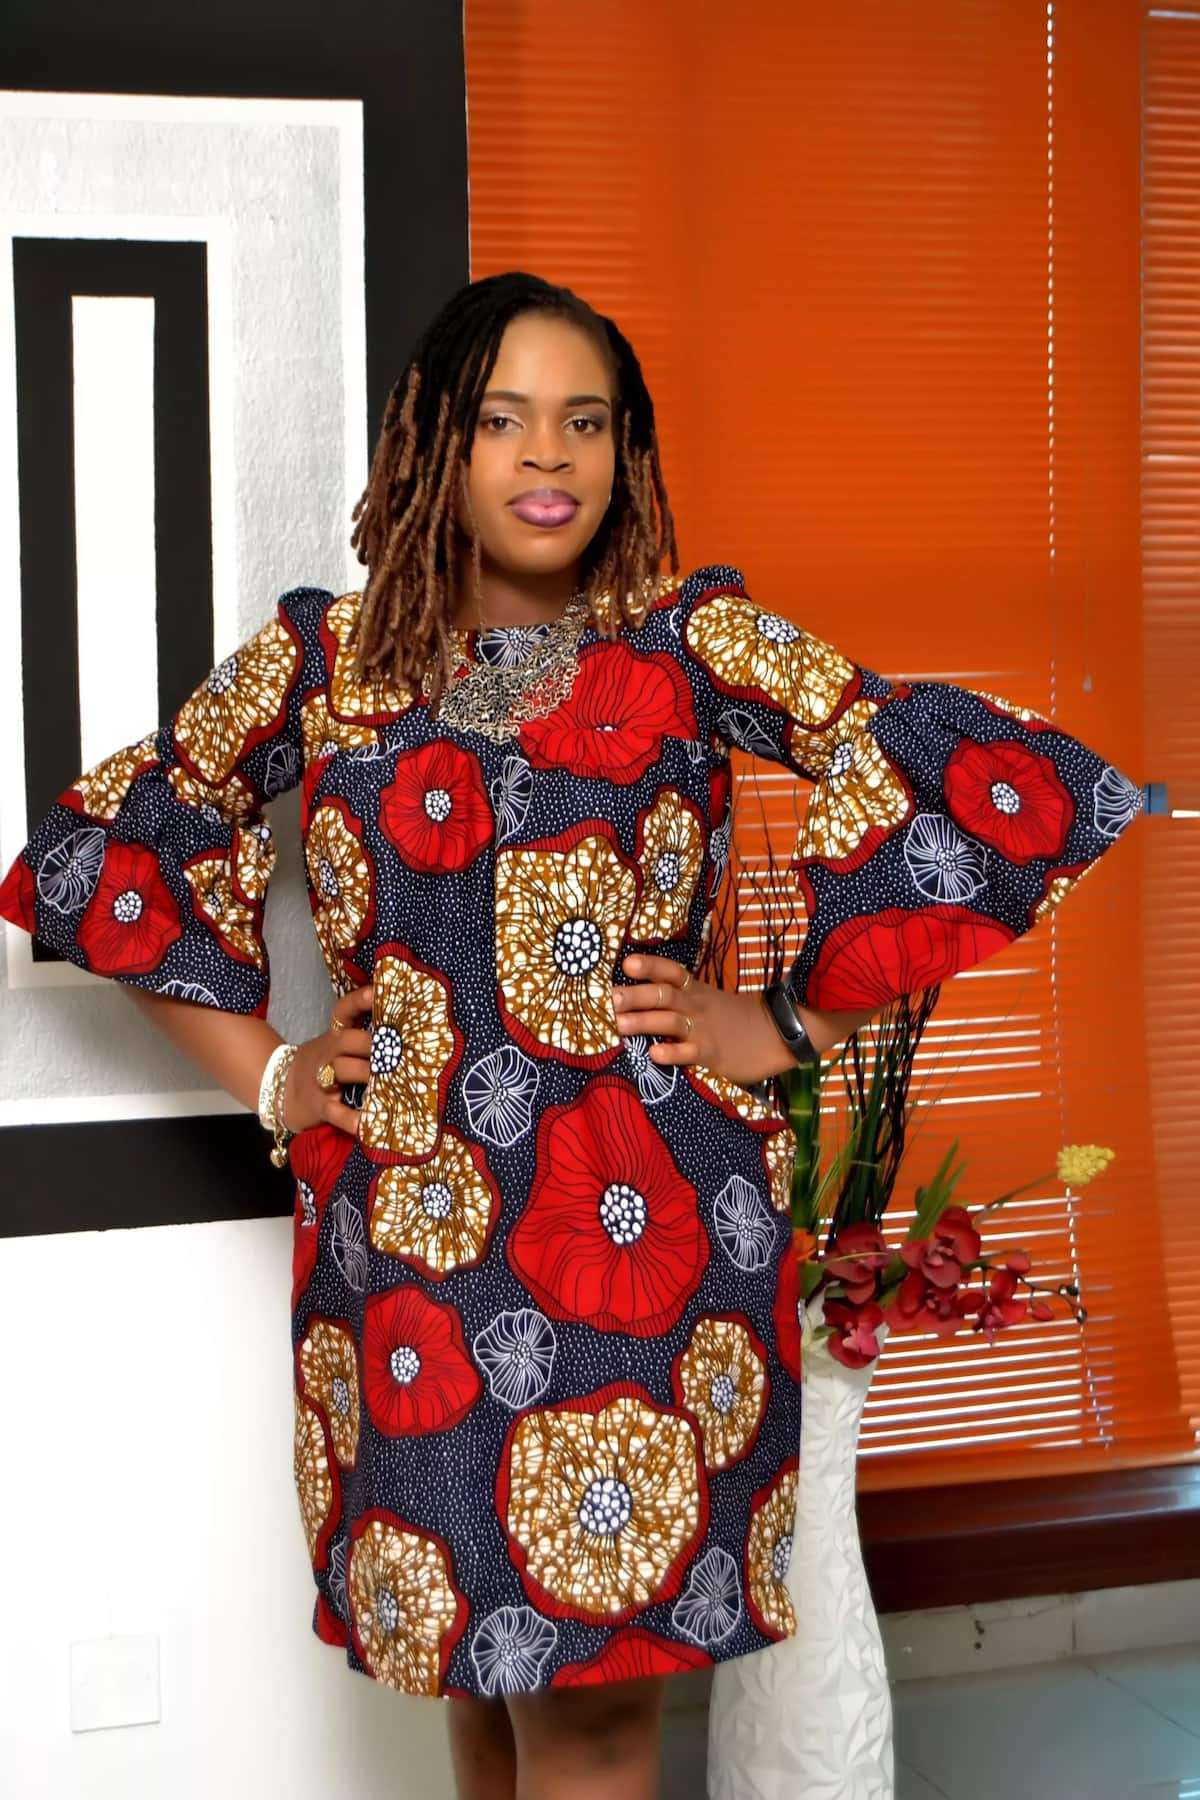 niegrian ankara styles, nigerian styles with ankara, nigerian ankara styles catalogue, nigerian ankara gown styles, nigerian ankara styles 2019